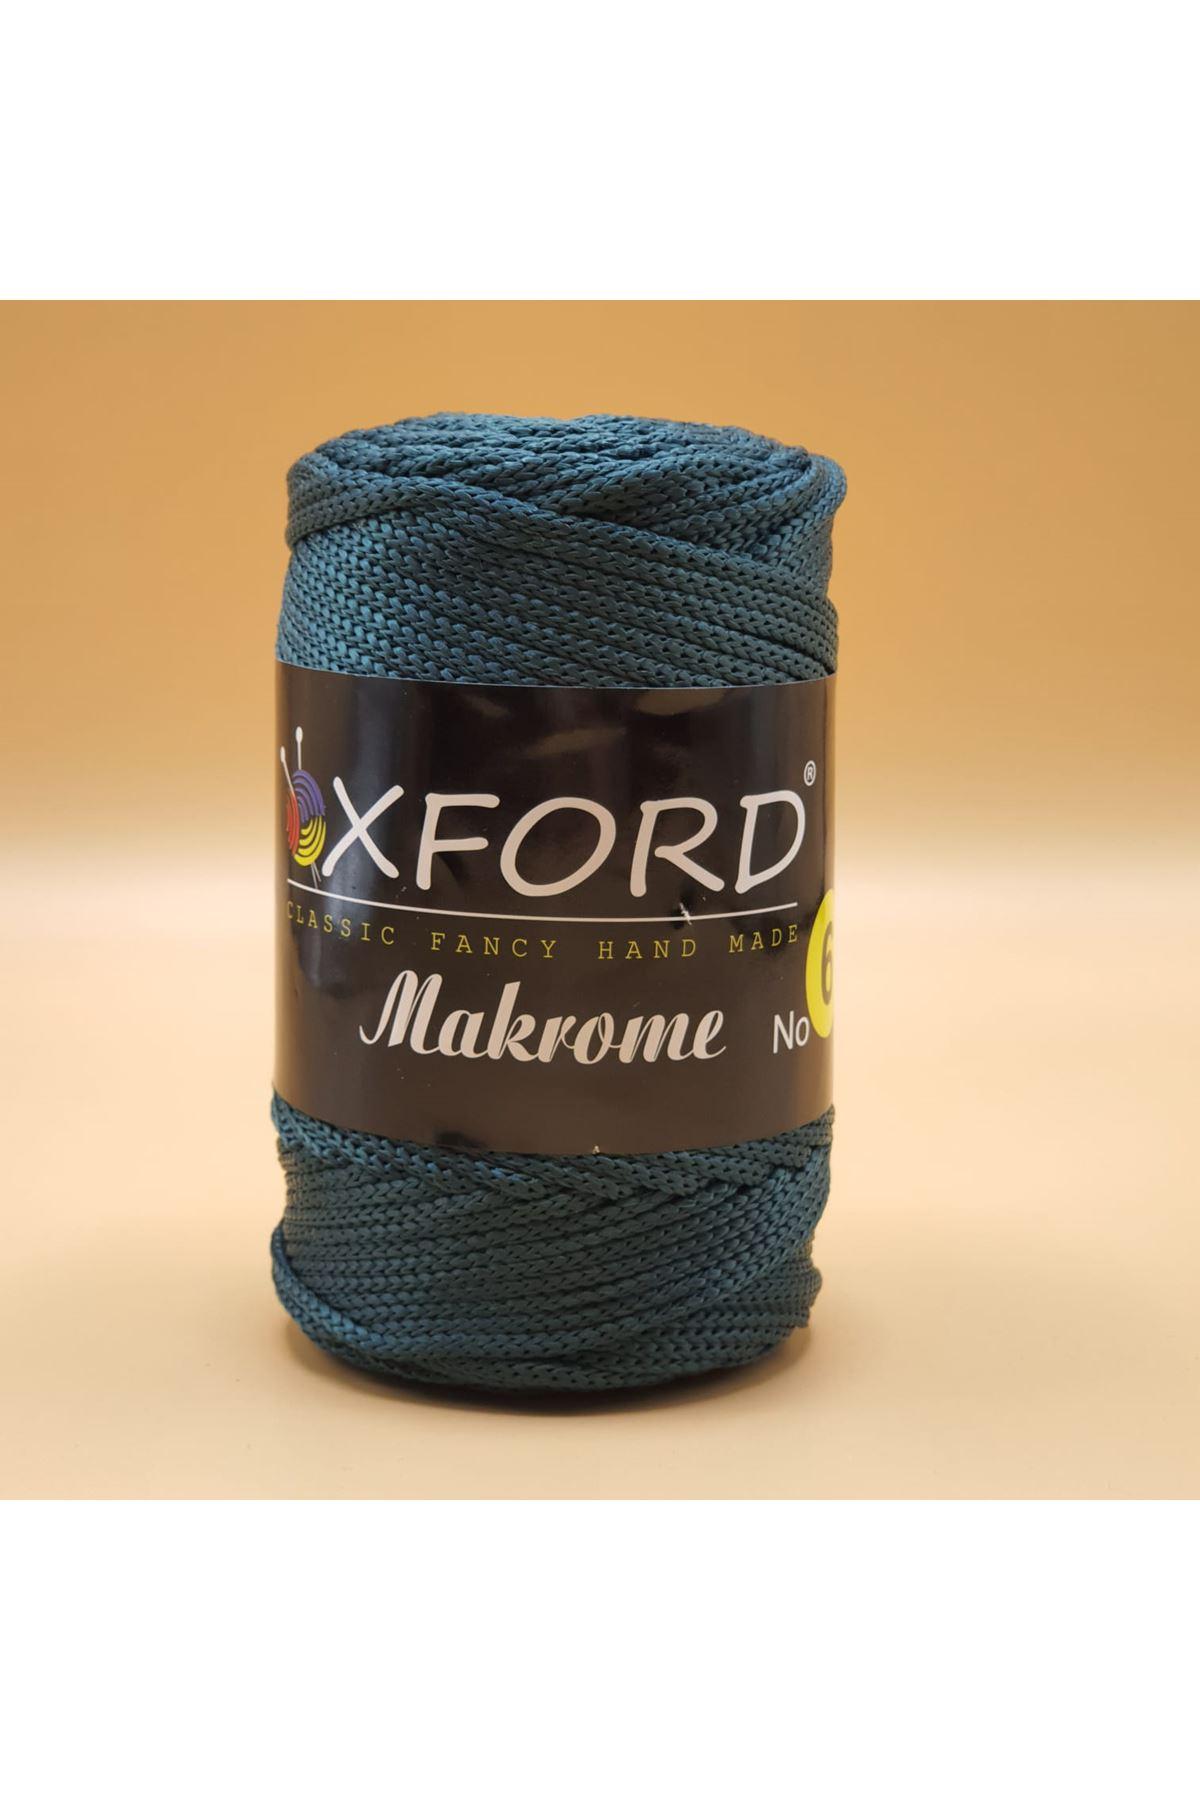 Oxford 6 No Makrome - 116 Koyu Çam